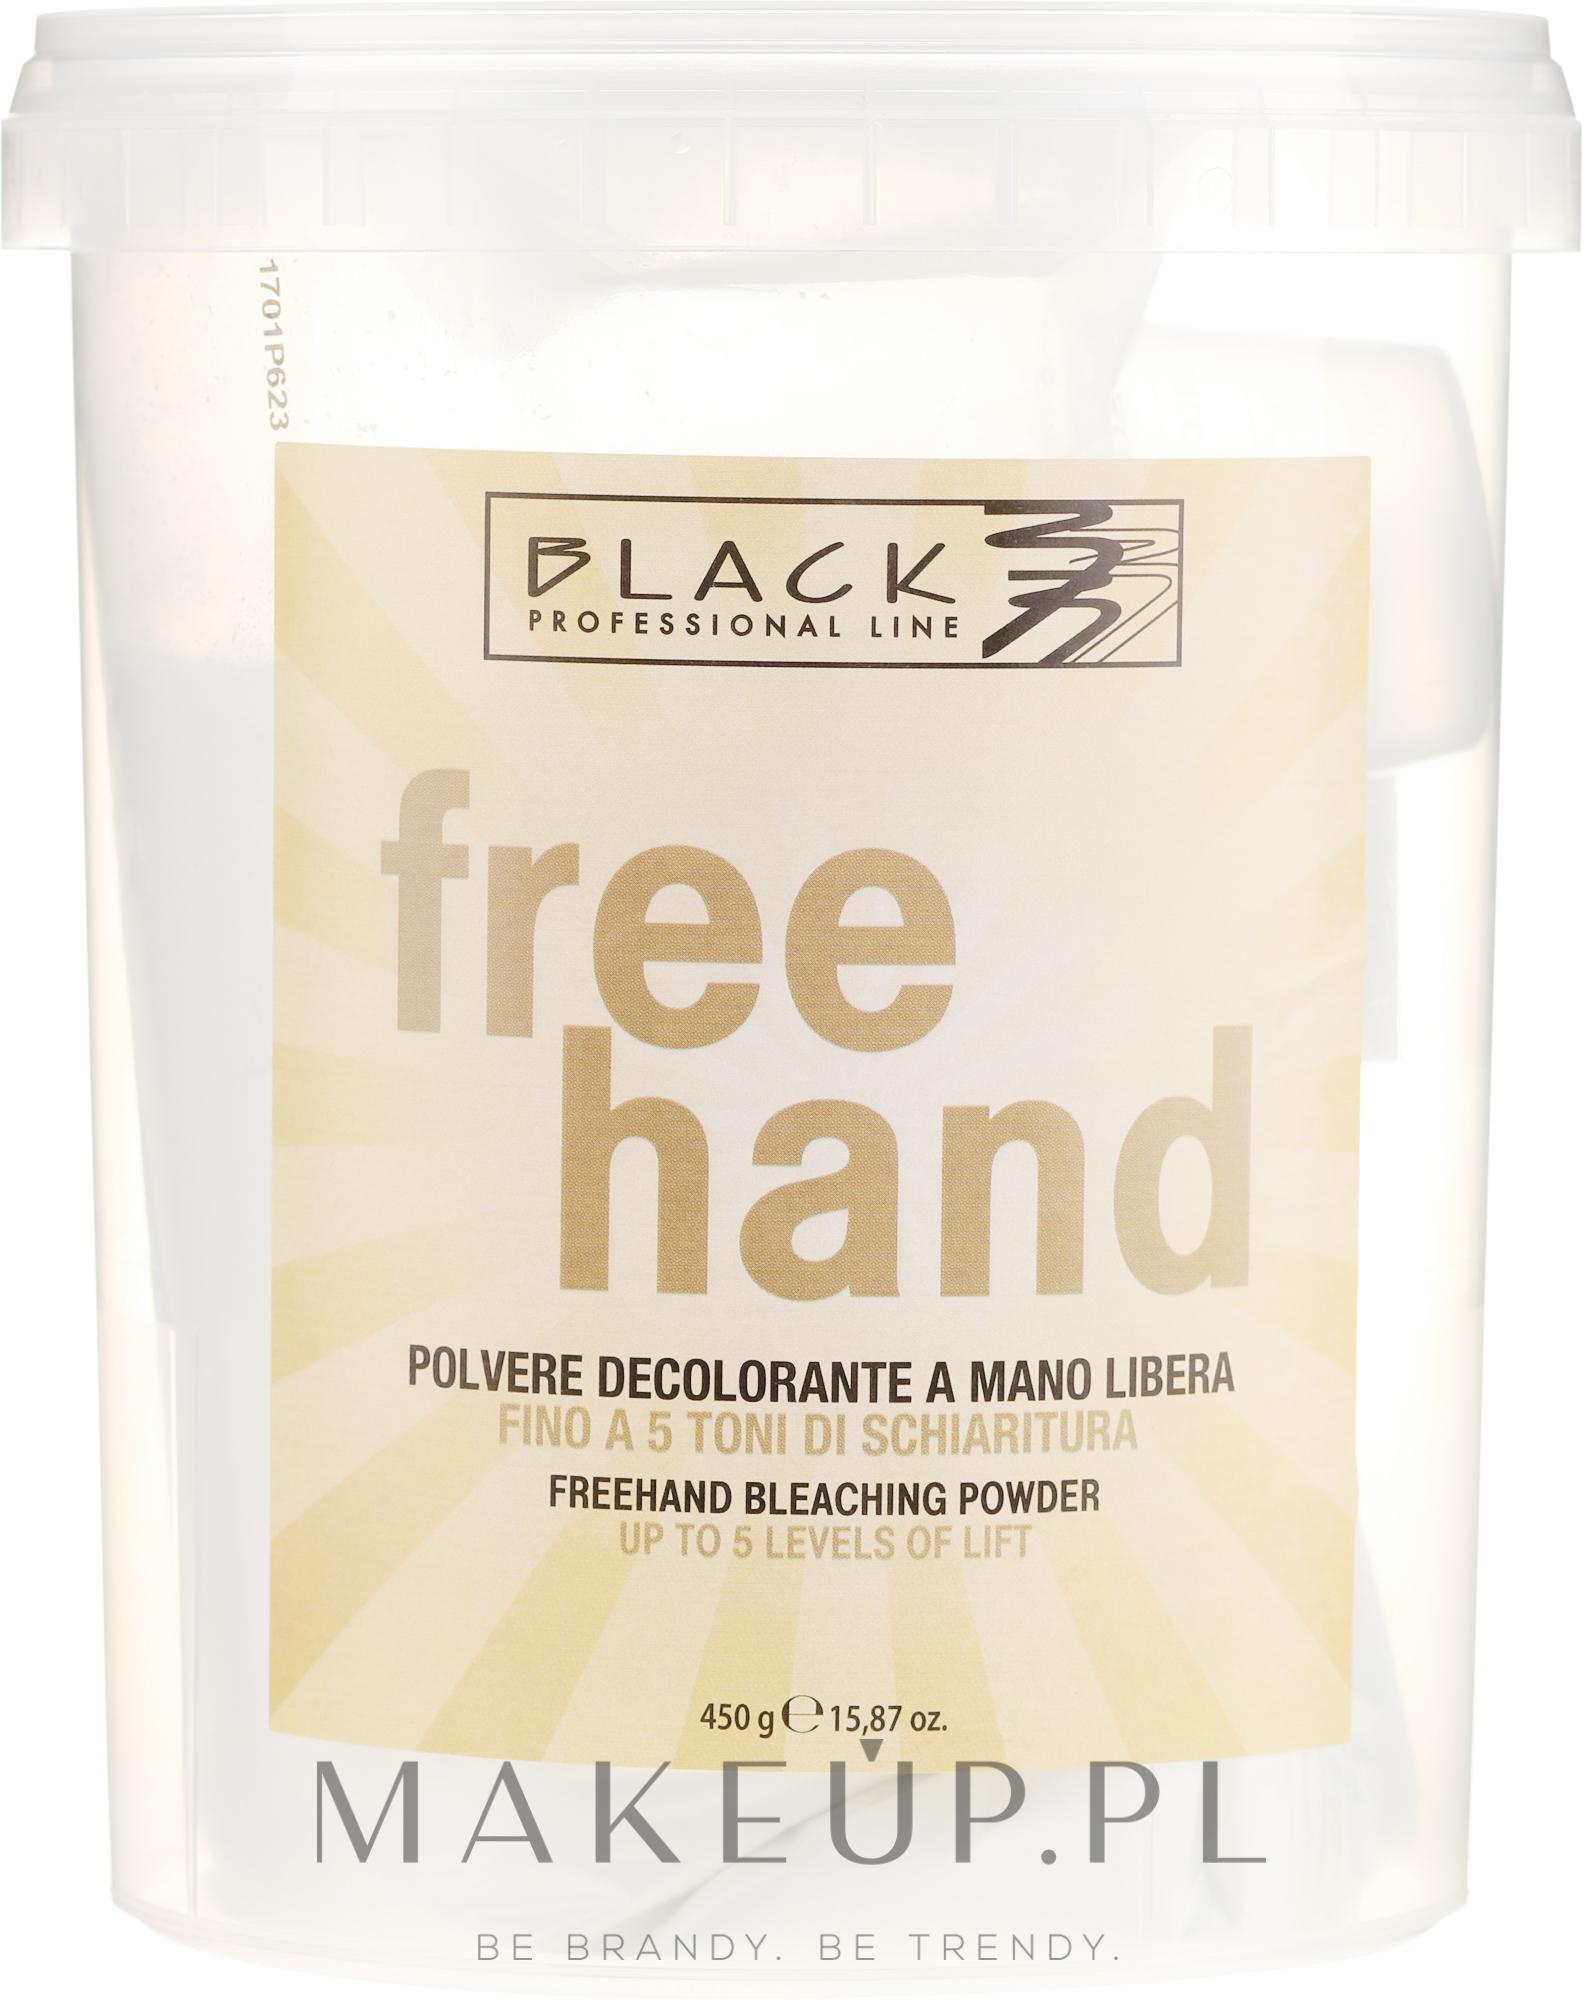 Proszek do rozjaśniania włosów - Black Professional Line Bleaching Powder For Free-Hand — фото 450 g